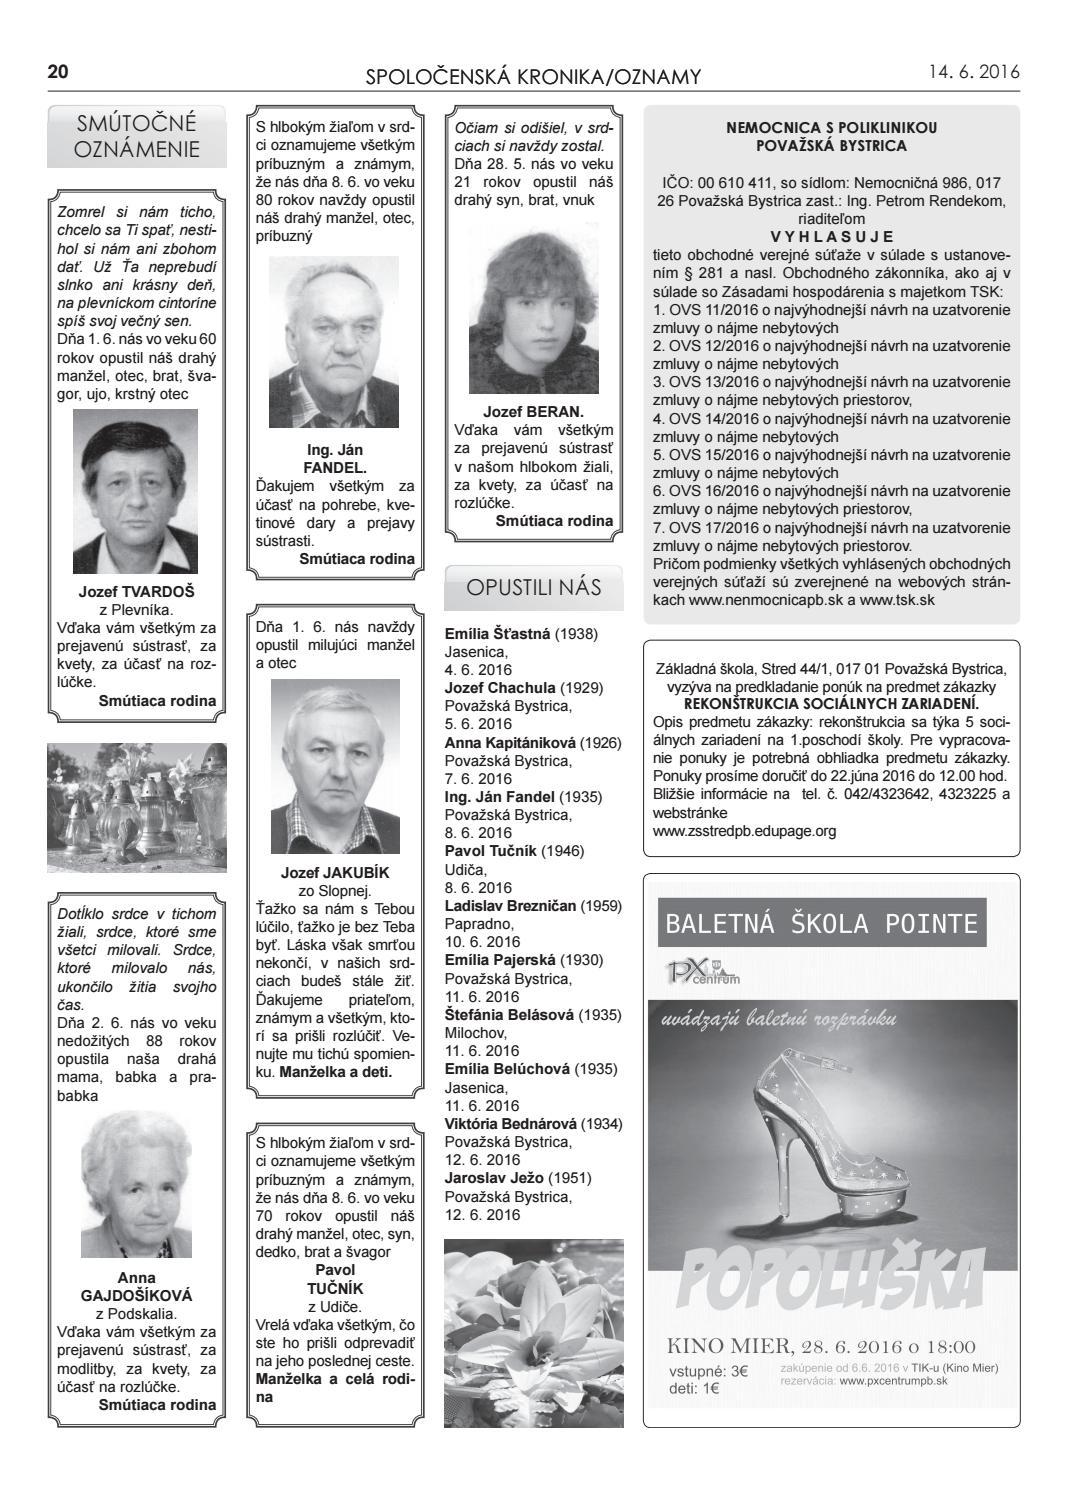 4503af01a Považskobystrické novinky č. 24/2016 by Považskobystrické novinky - issuu